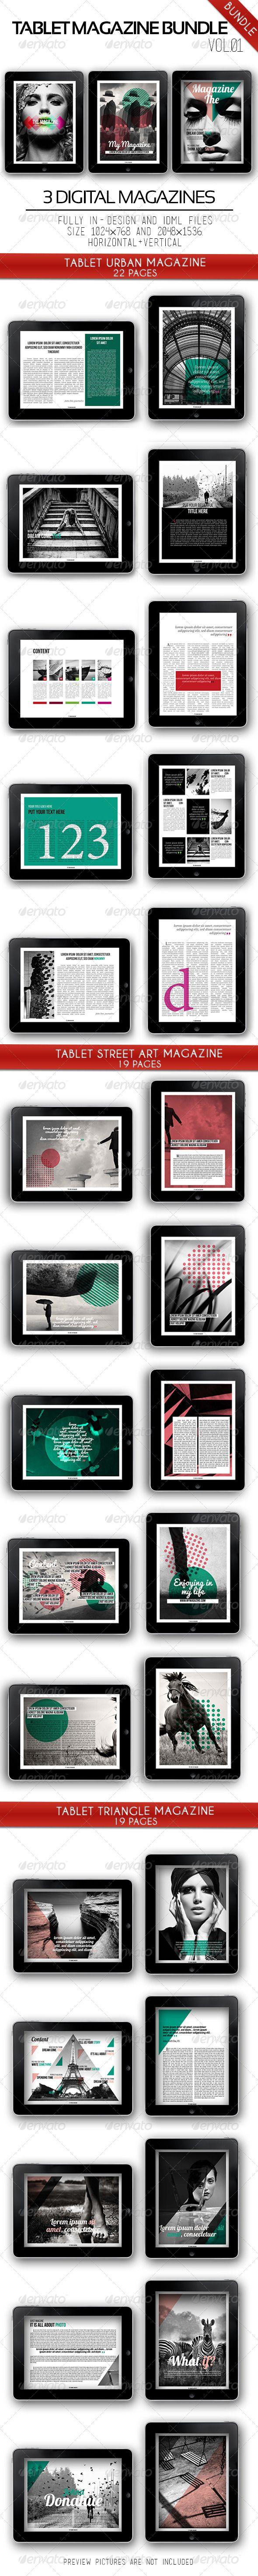 #Tablet Magazine Bundle Vol.01 - Digital #Magazines #ePublishing